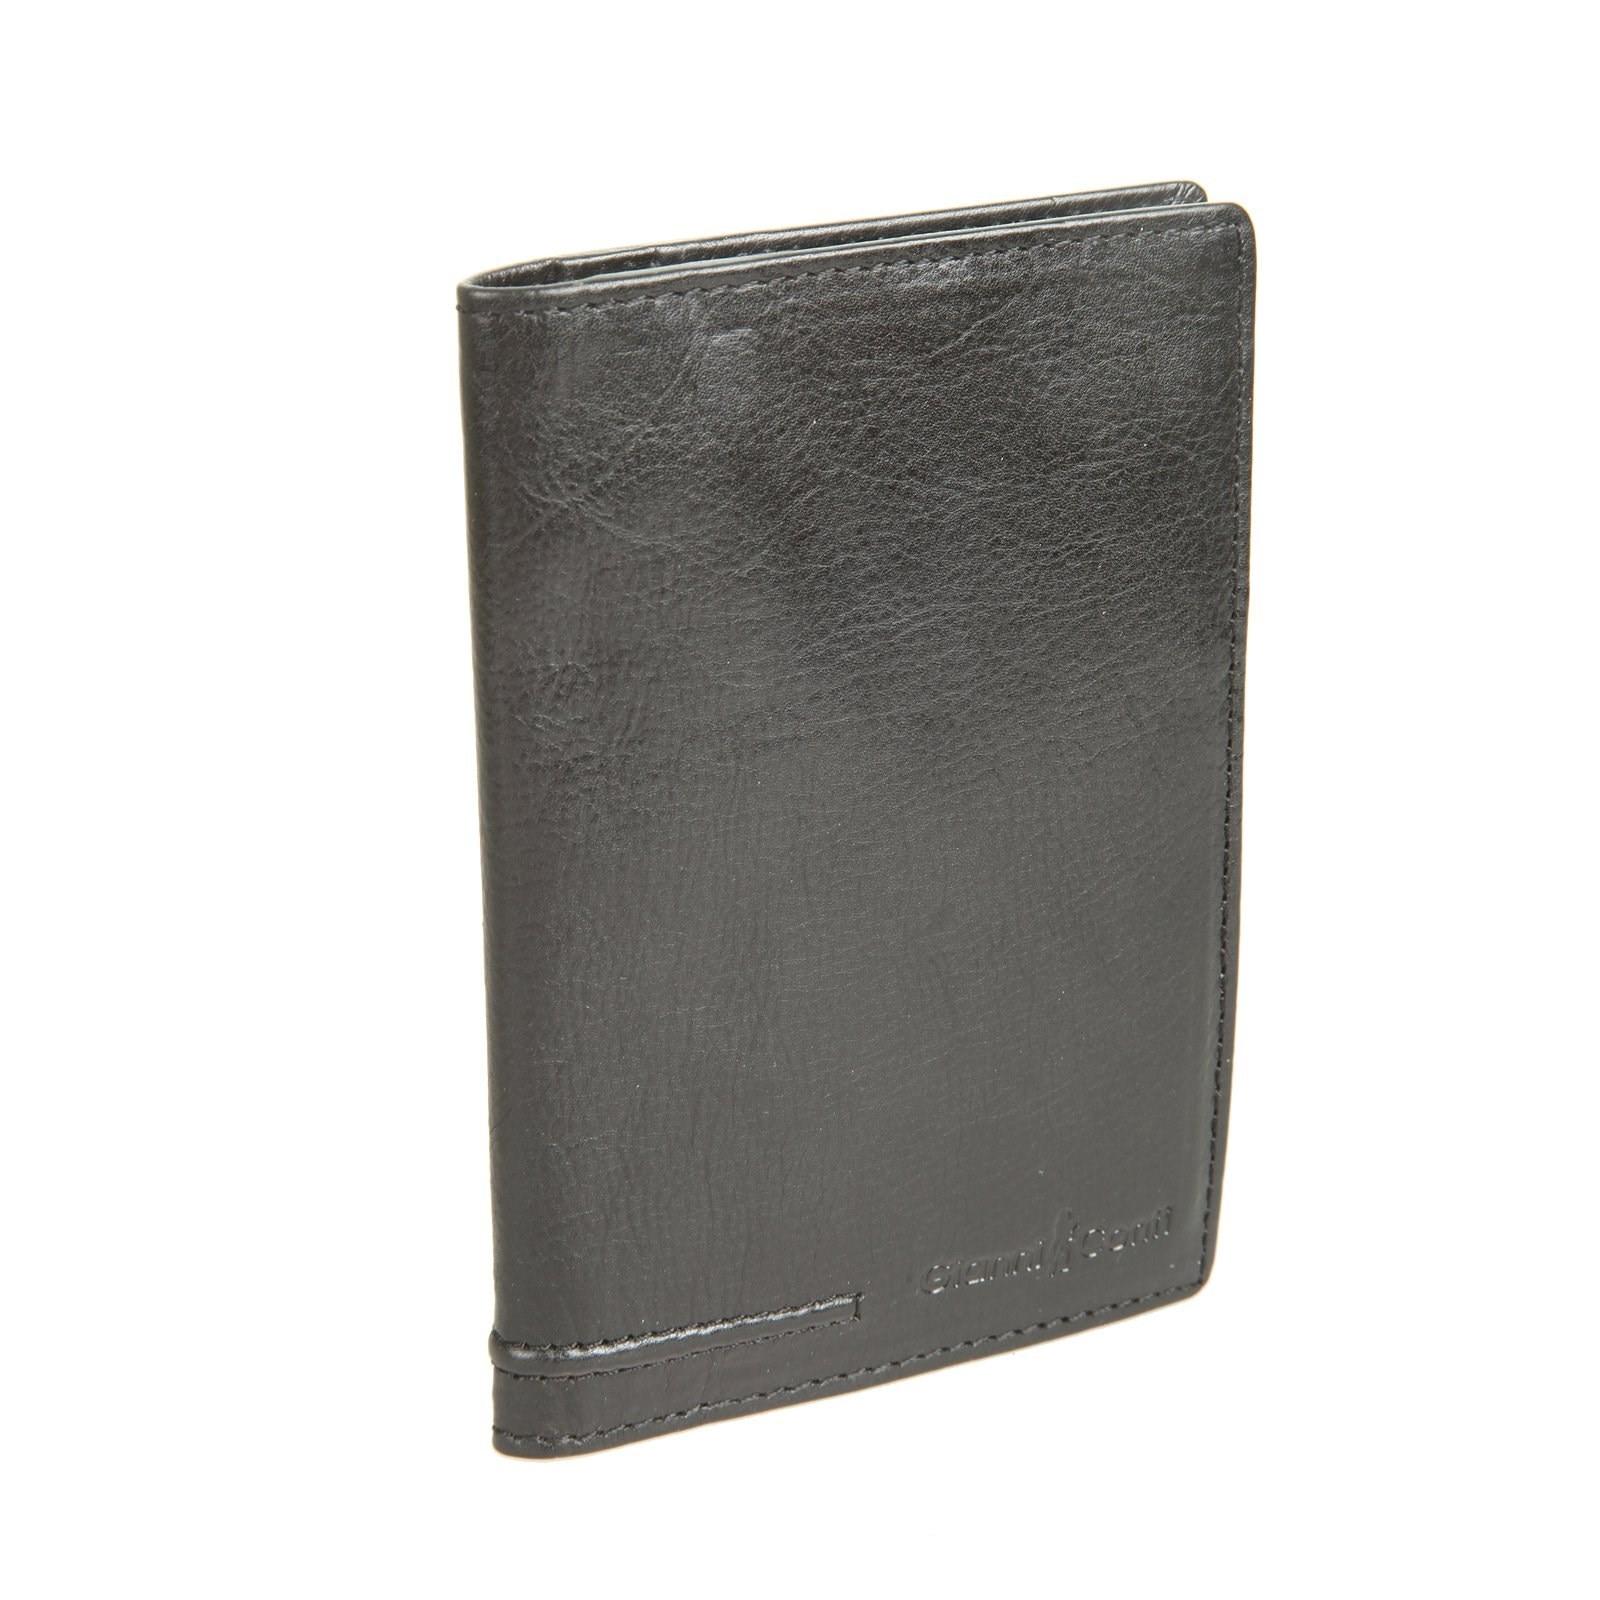 Cover for avtodokumentov Gianni Conti 707456 black cover for avtodokumentov gianni conti 1227455 black